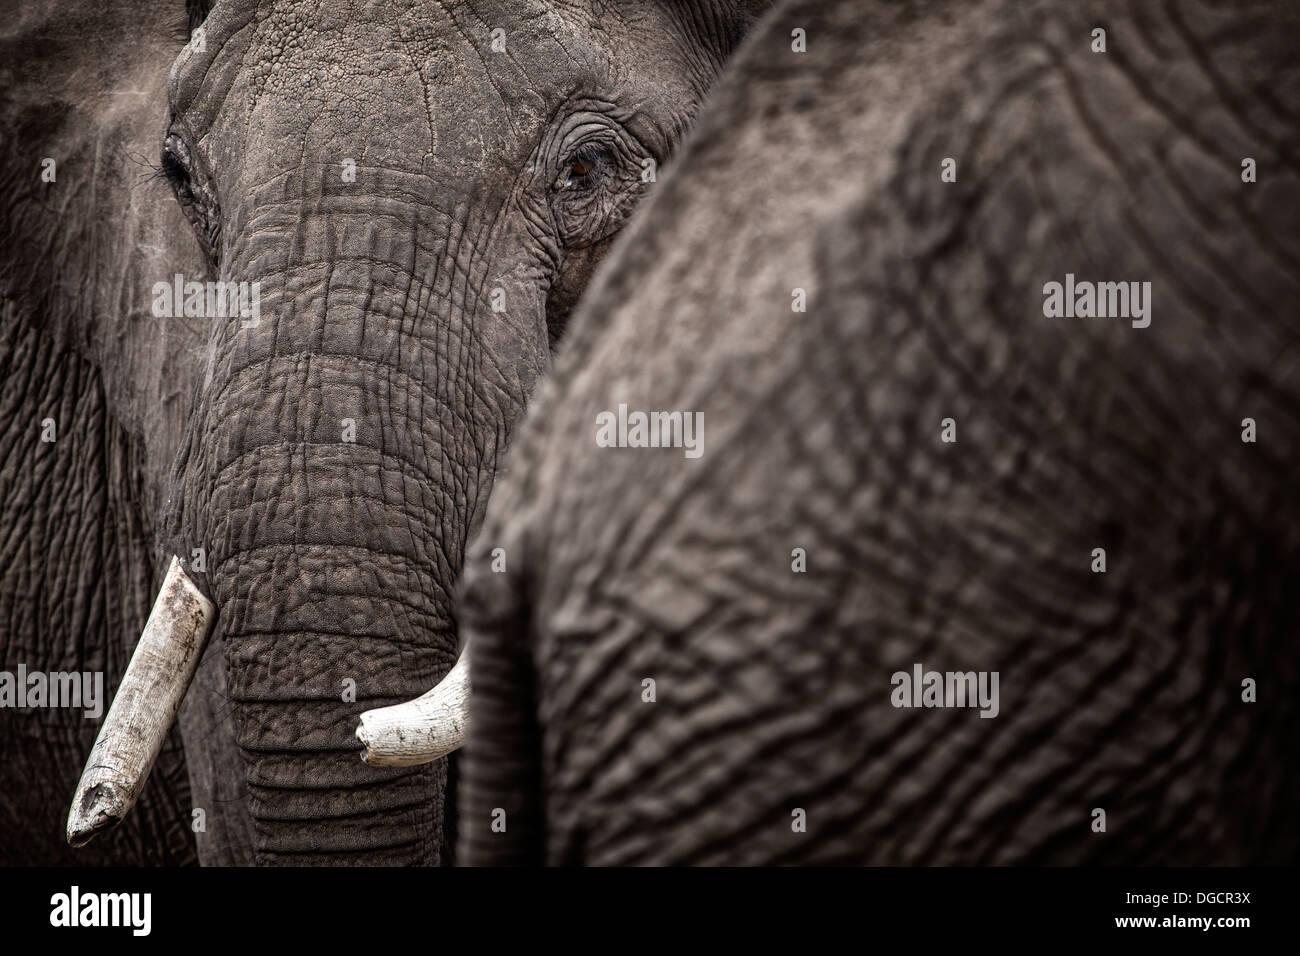 Un gran elefante mira alrededor del detrás de otro elefante Imagen De Stock